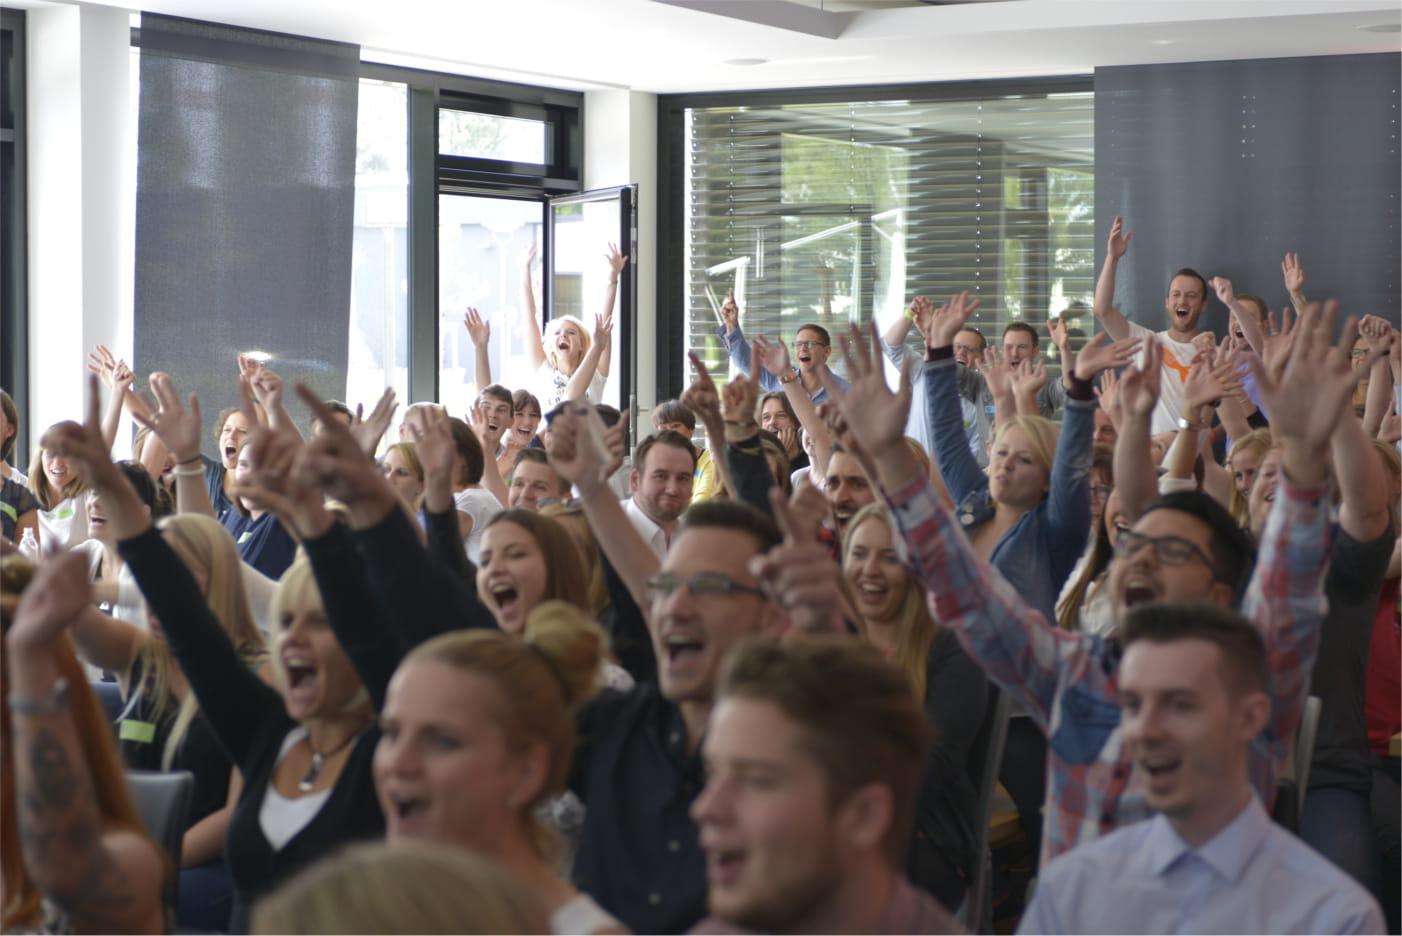 Platz 1 fuer explido iProspect im Ranking der Performance Agenturen in Deutschland